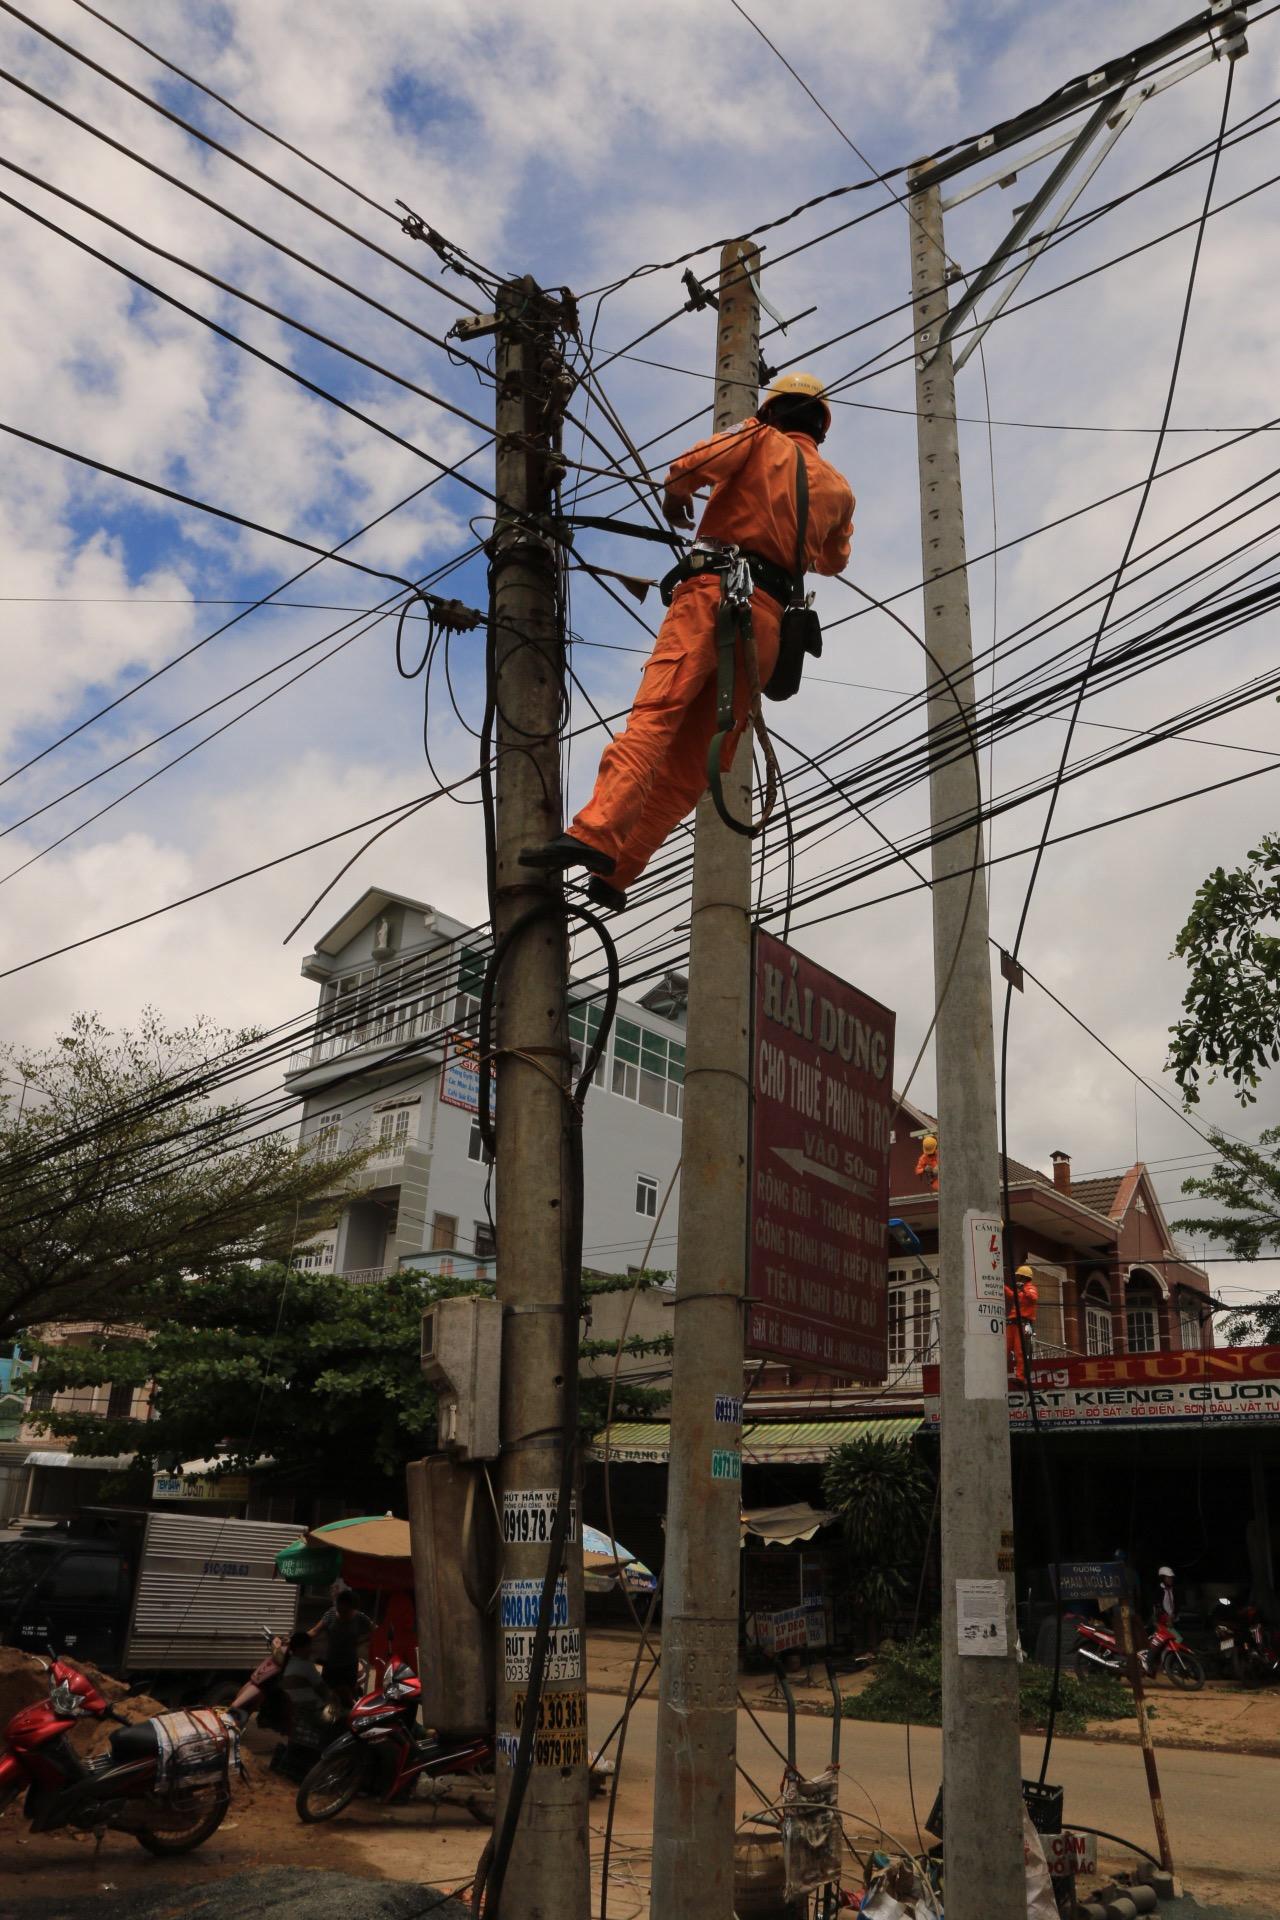 Ob er wohl den Durchblick hat oder einfach immer nur neue Kabelstränge dazu hängt?